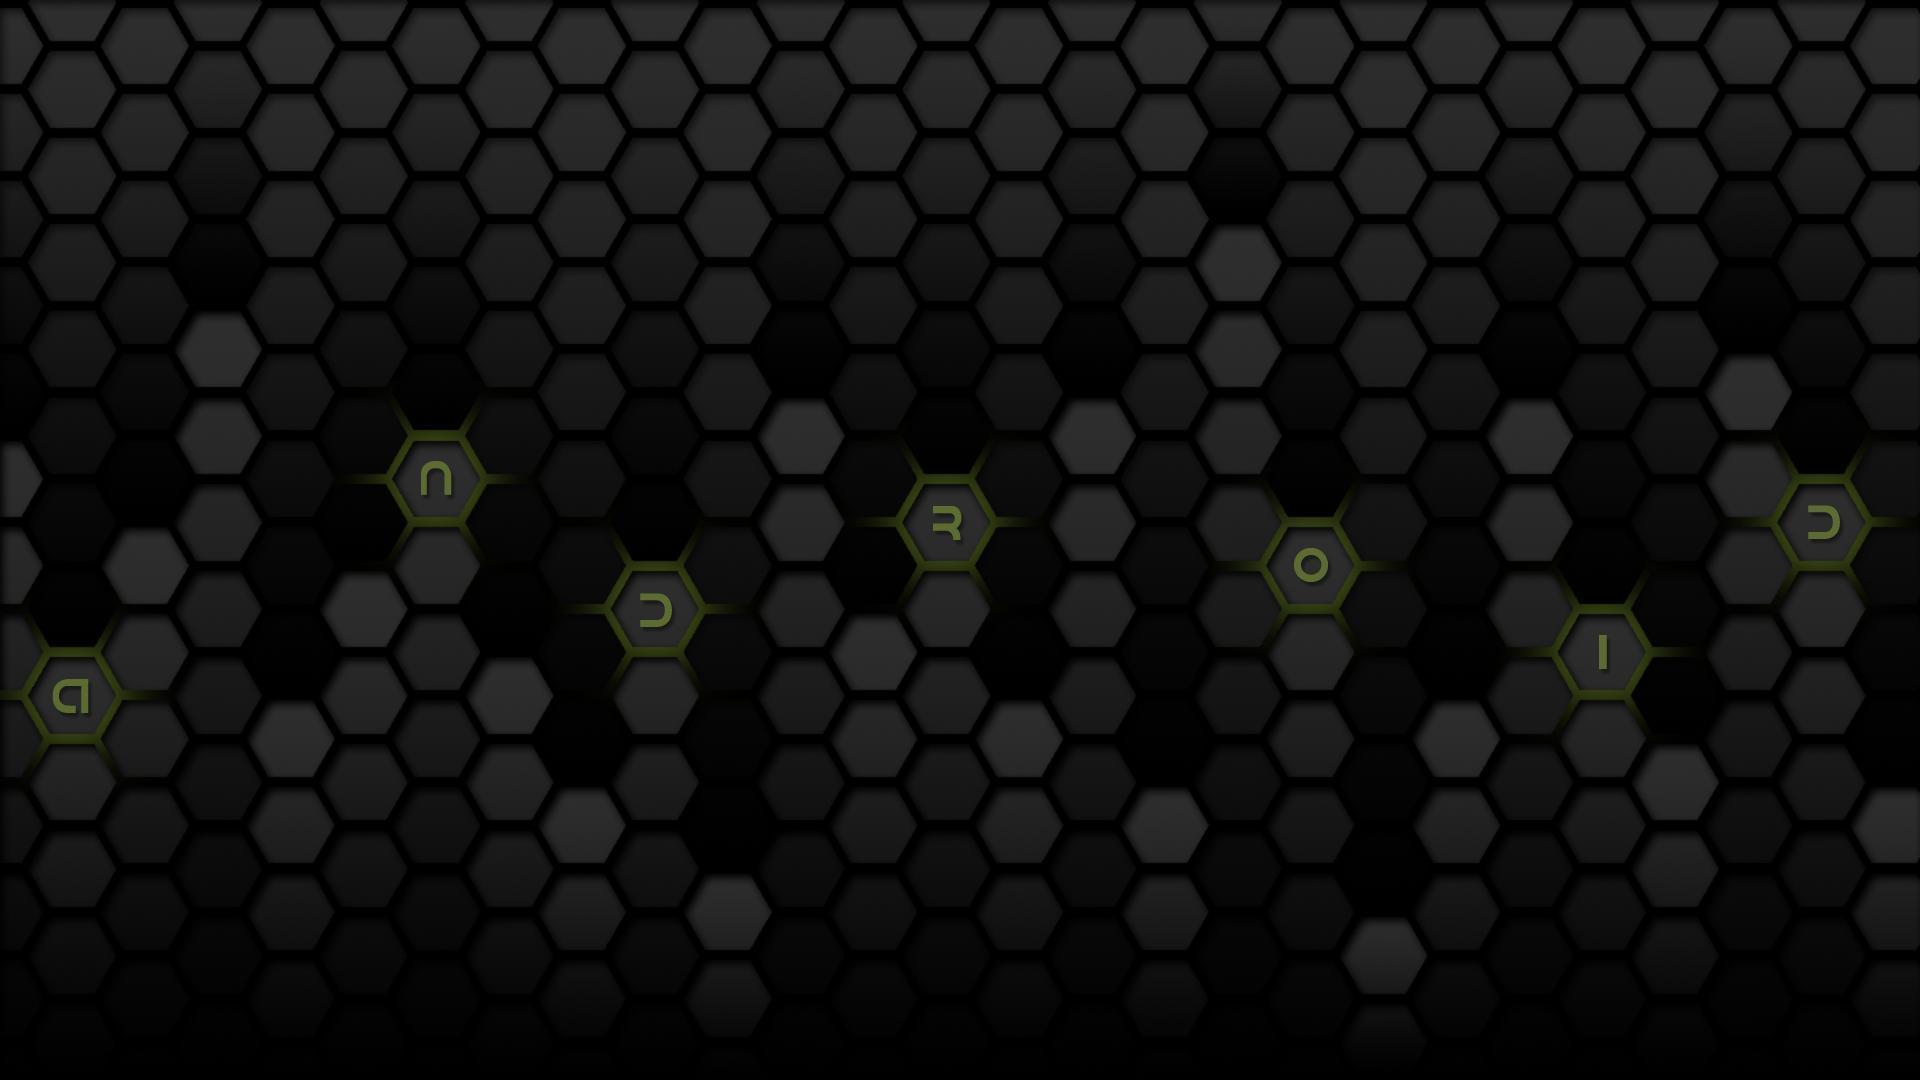 dark android wallpaper 35917 hd pictures top wallpaper desktop